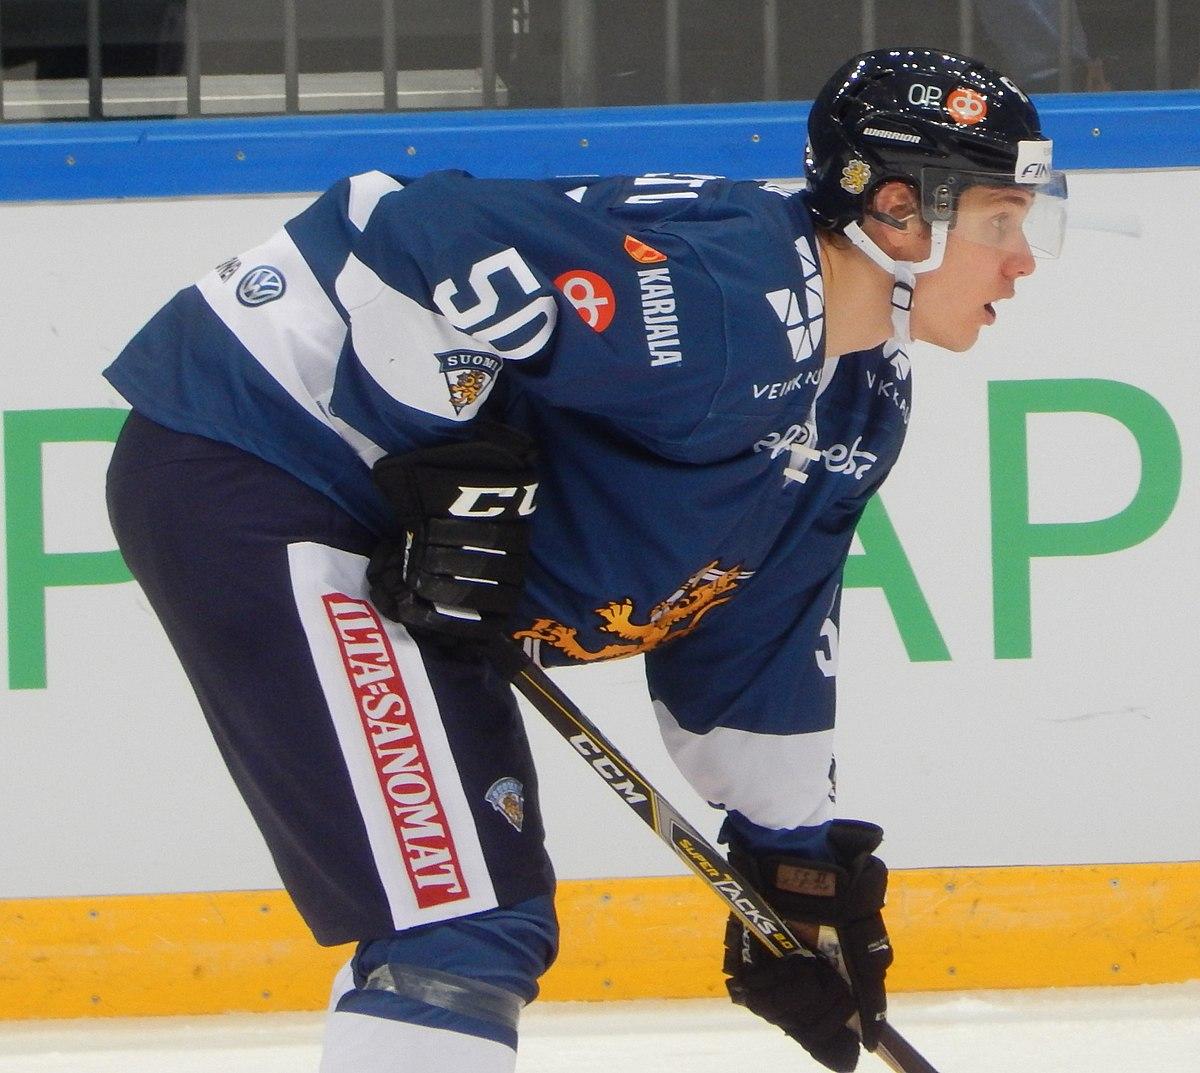 Miika Koivisto